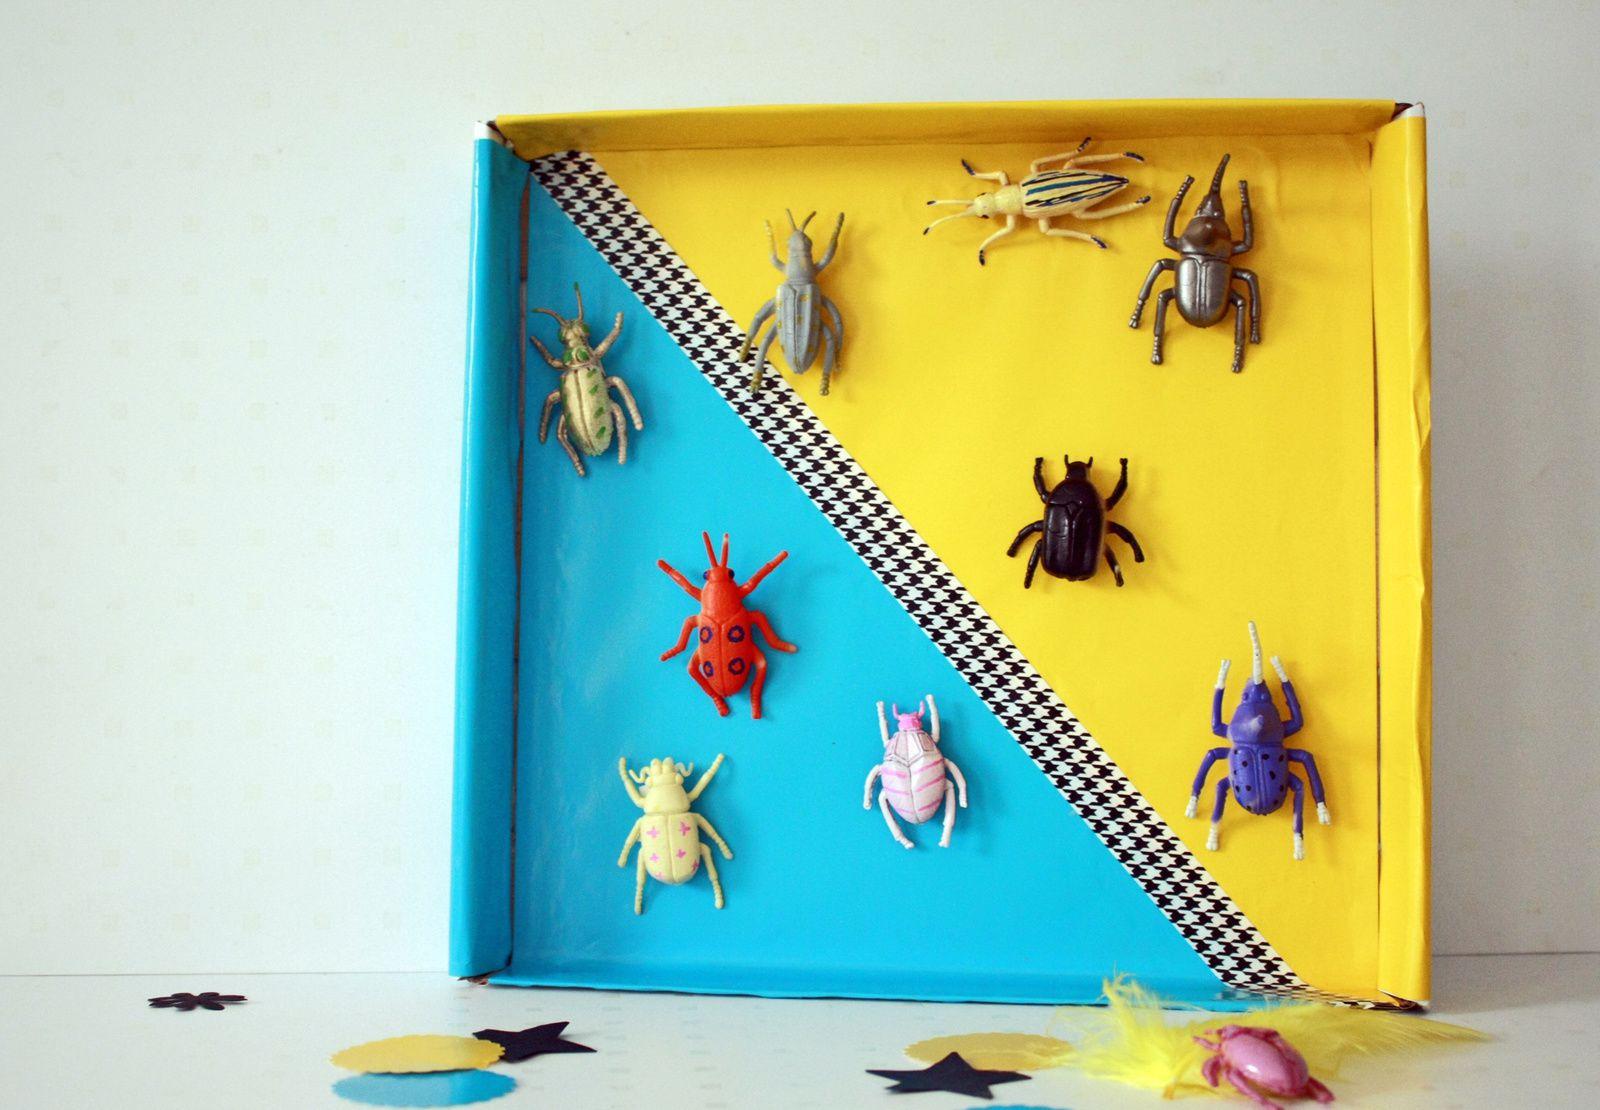 Des insectes colorés pour cabinet de curiosité pop color !!